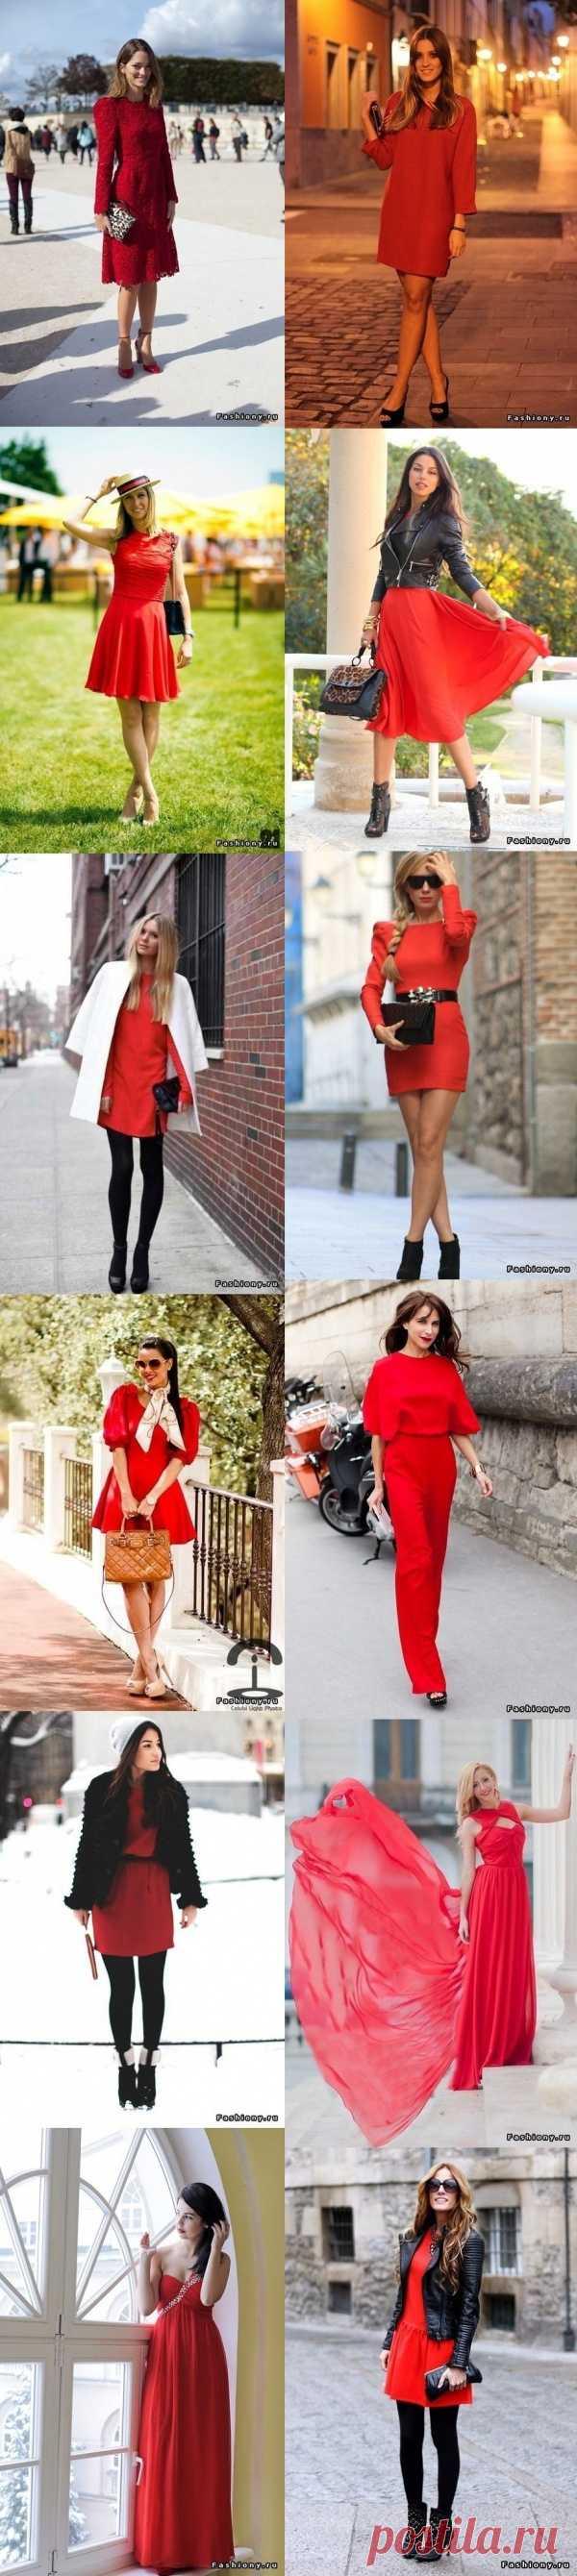 Что должно быть у каждой модницы в гардеробе? - Красное платье!